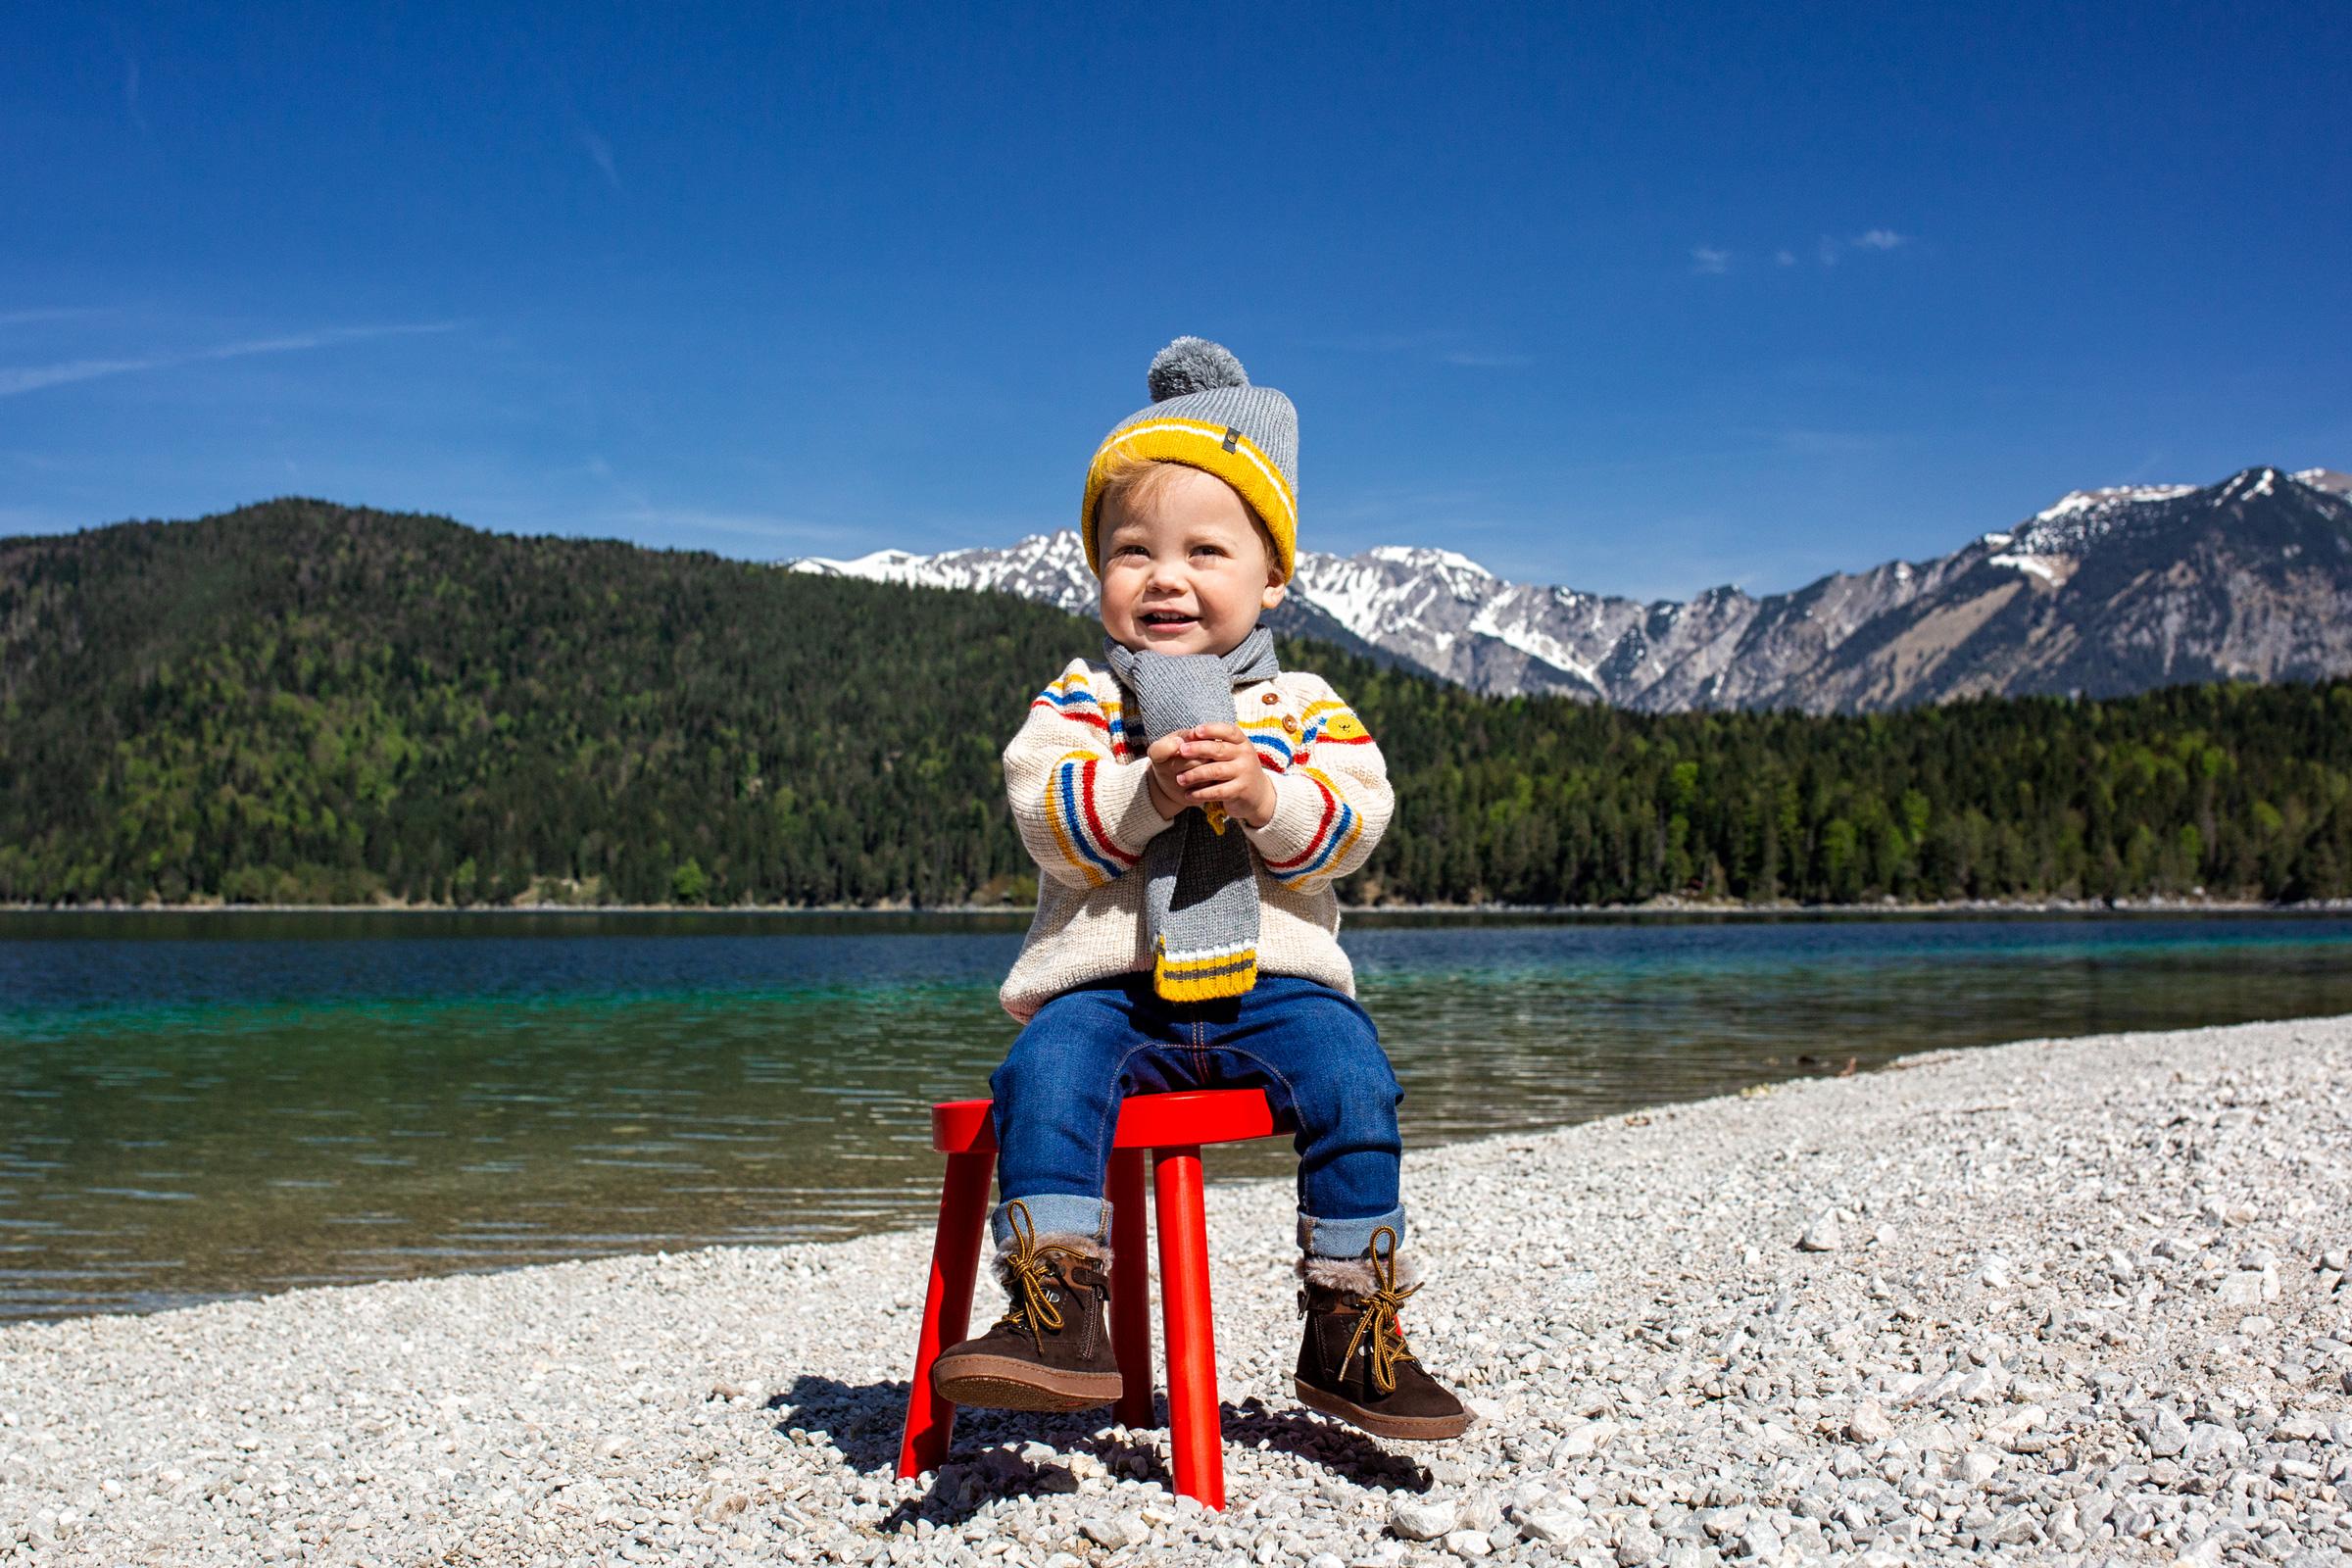 Kleiner Junge sitzt auf einem roten Stuhl am kiesbedeckten Ufer eines Alpensees. Little boy sits on a red chair at the gravelly beach of a tarn.